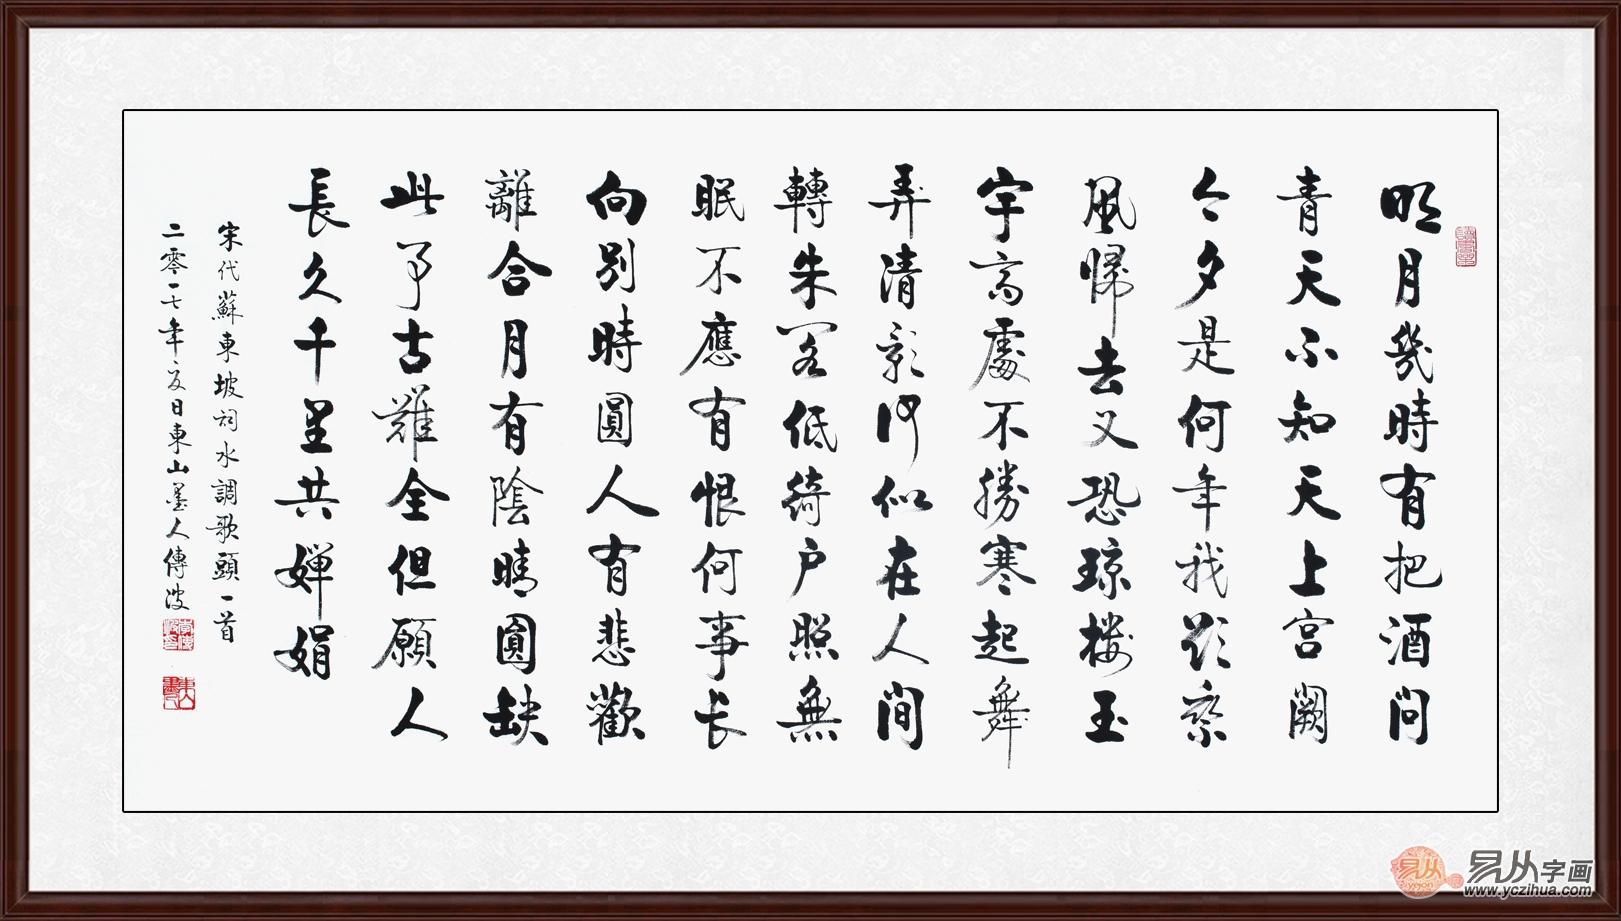 古诗词书法名家手写 每一幅都很经典